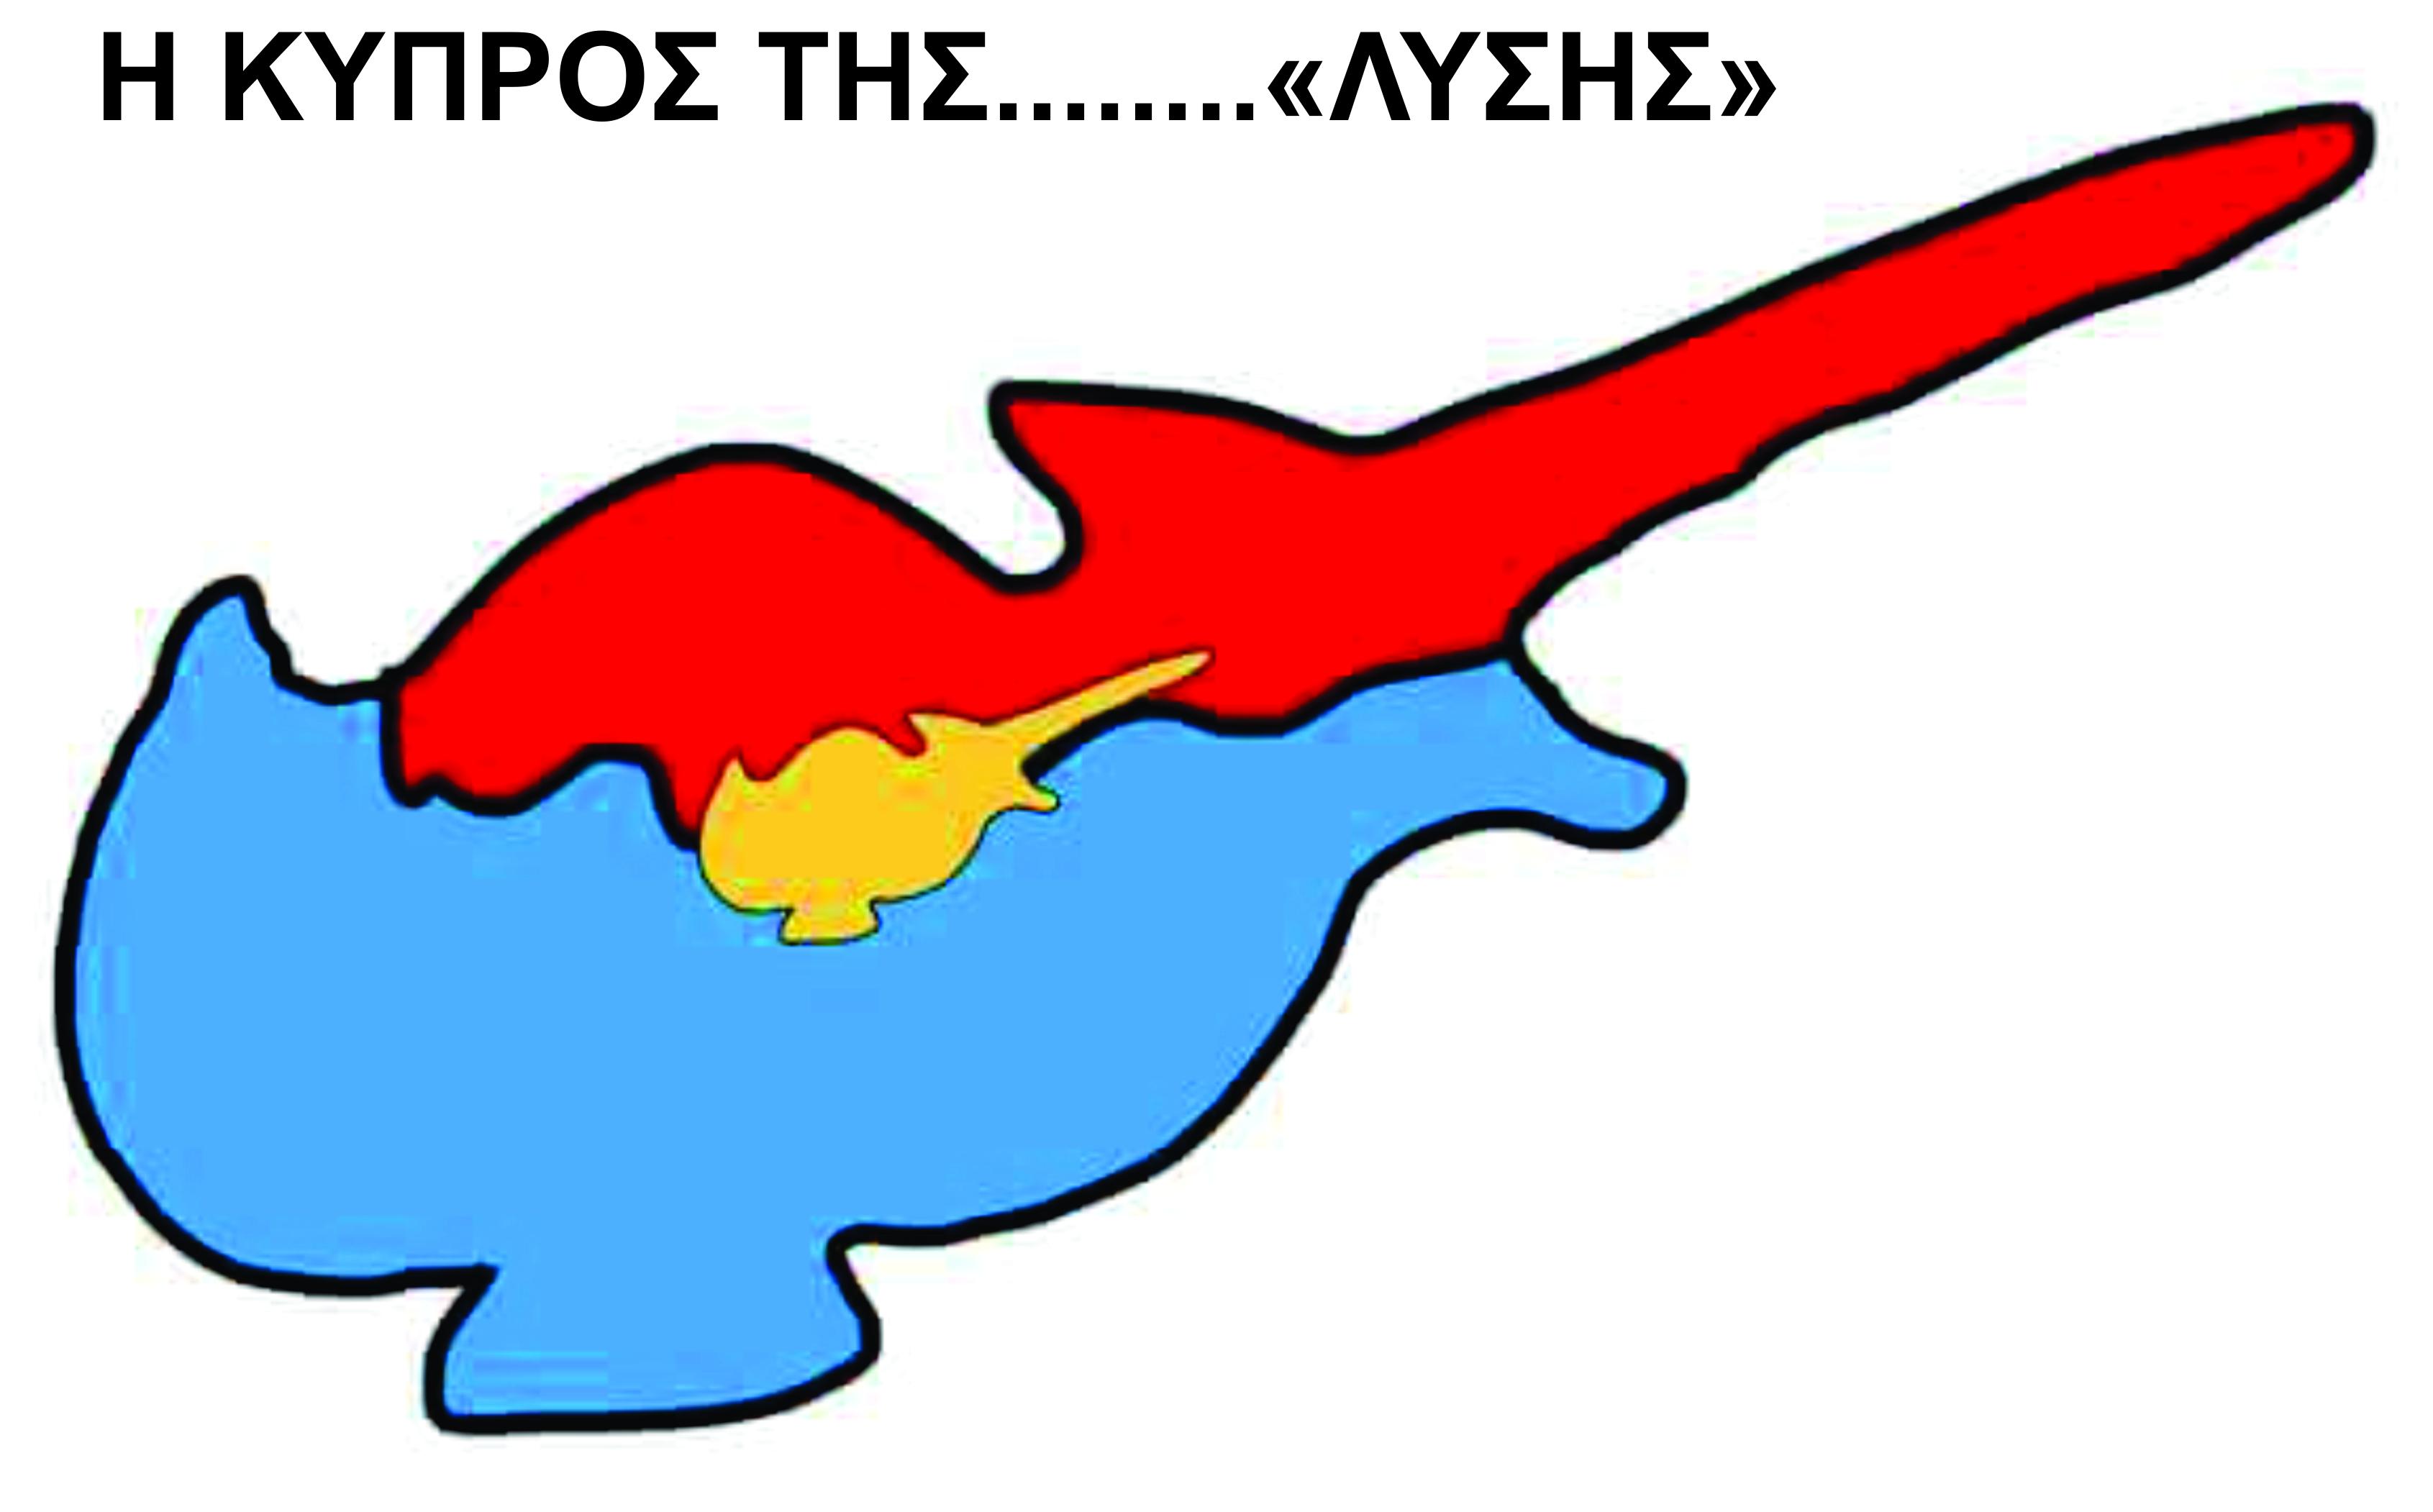 Π. Ήφαιστος, Η Κύπρος στην κόψη του ξυραφιού. Ώρα και ευκαιρία για μια νέα βιώσιμη αφετηρία